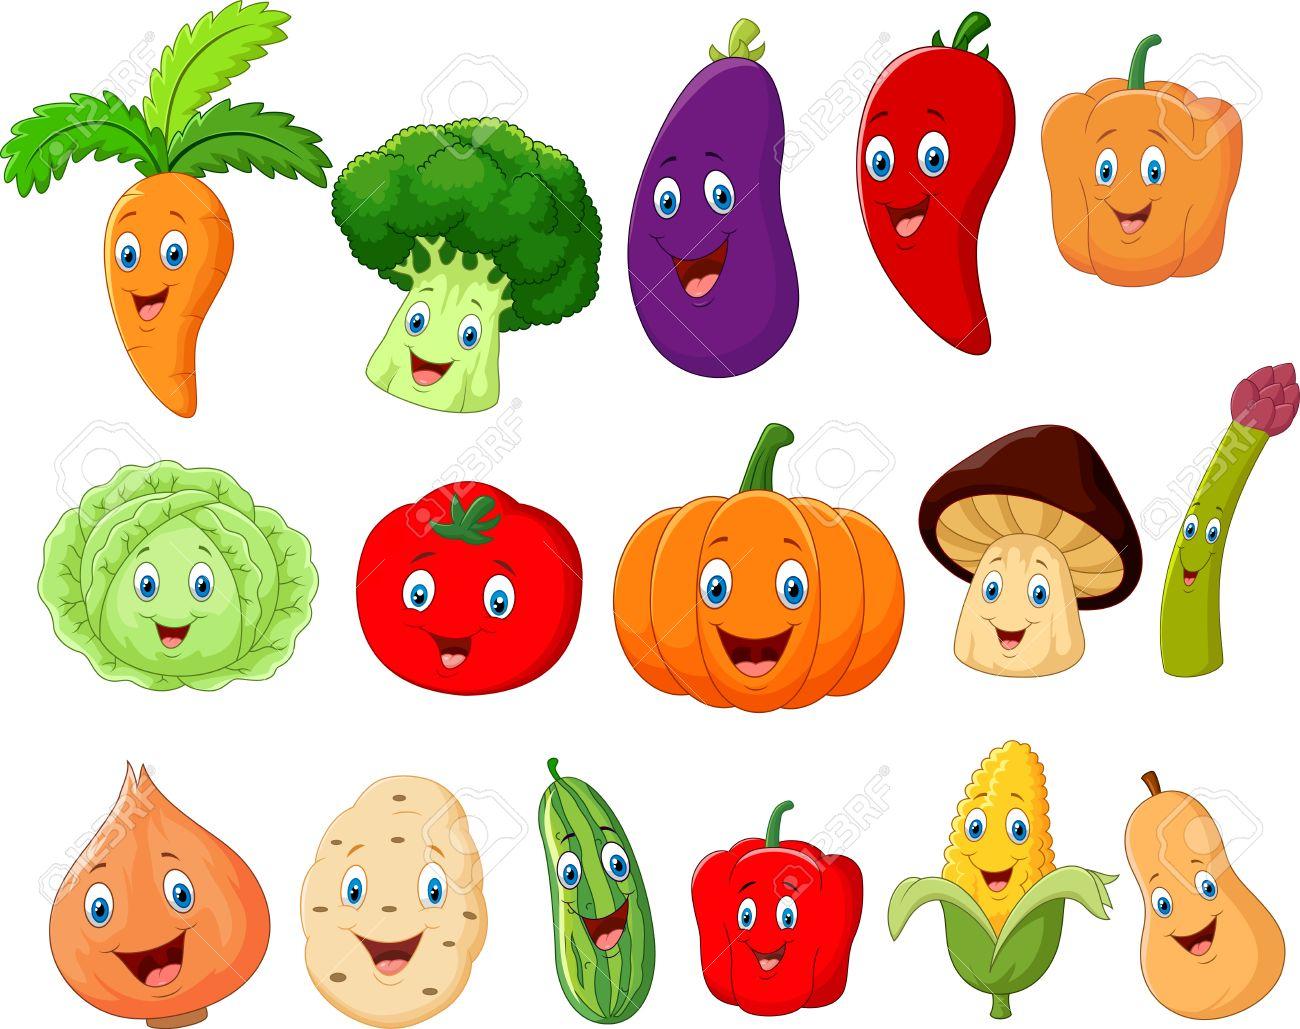 かわいい野菜キャラクター ロイヤリティフリークリップアート